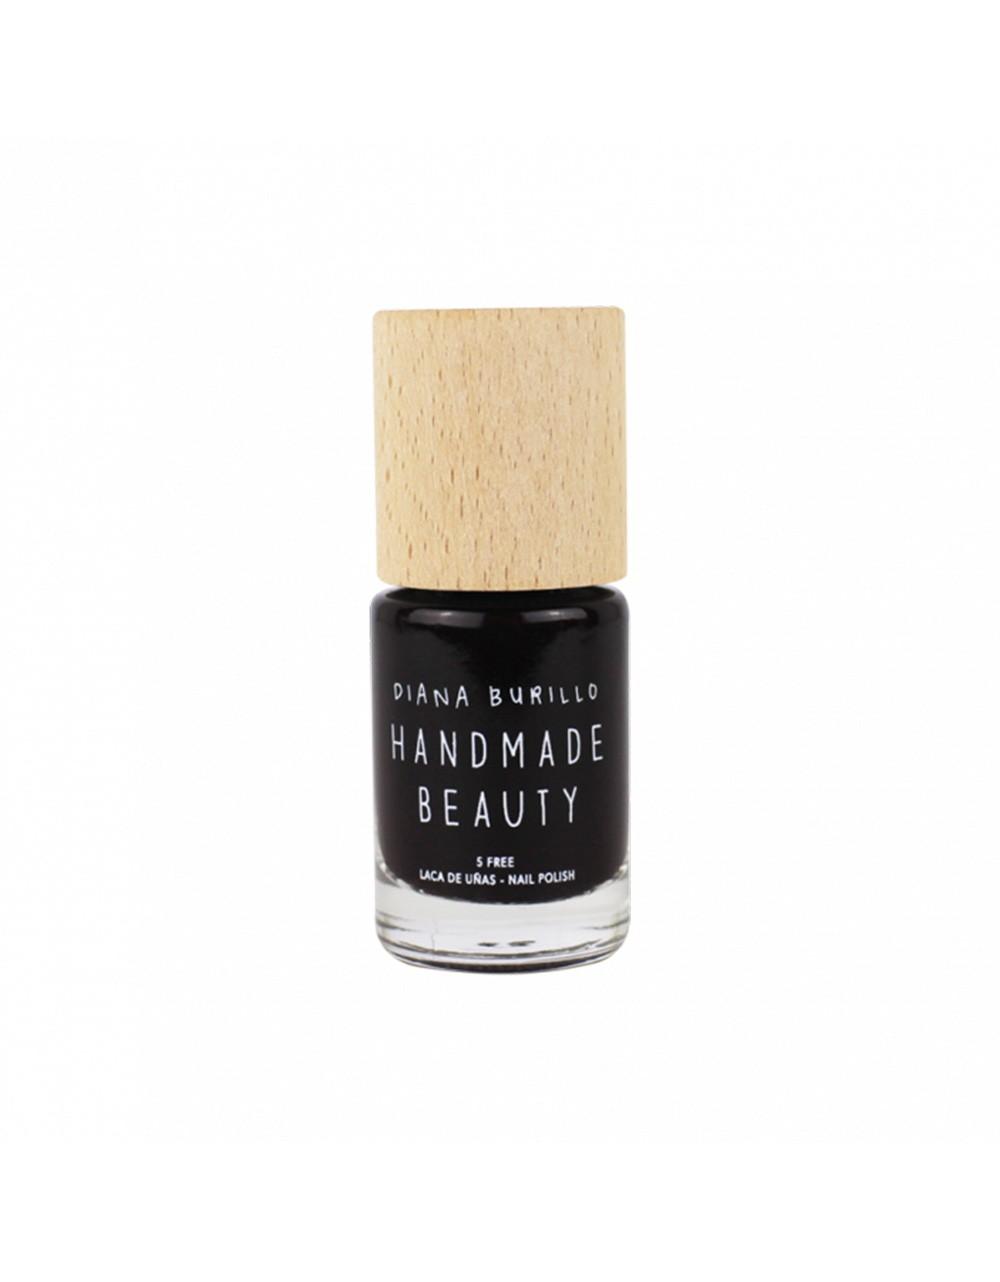 Esmalte de uñas Handmade Beauty 5 free, ecológico color burdeos, intenso como el vino Hazelnut